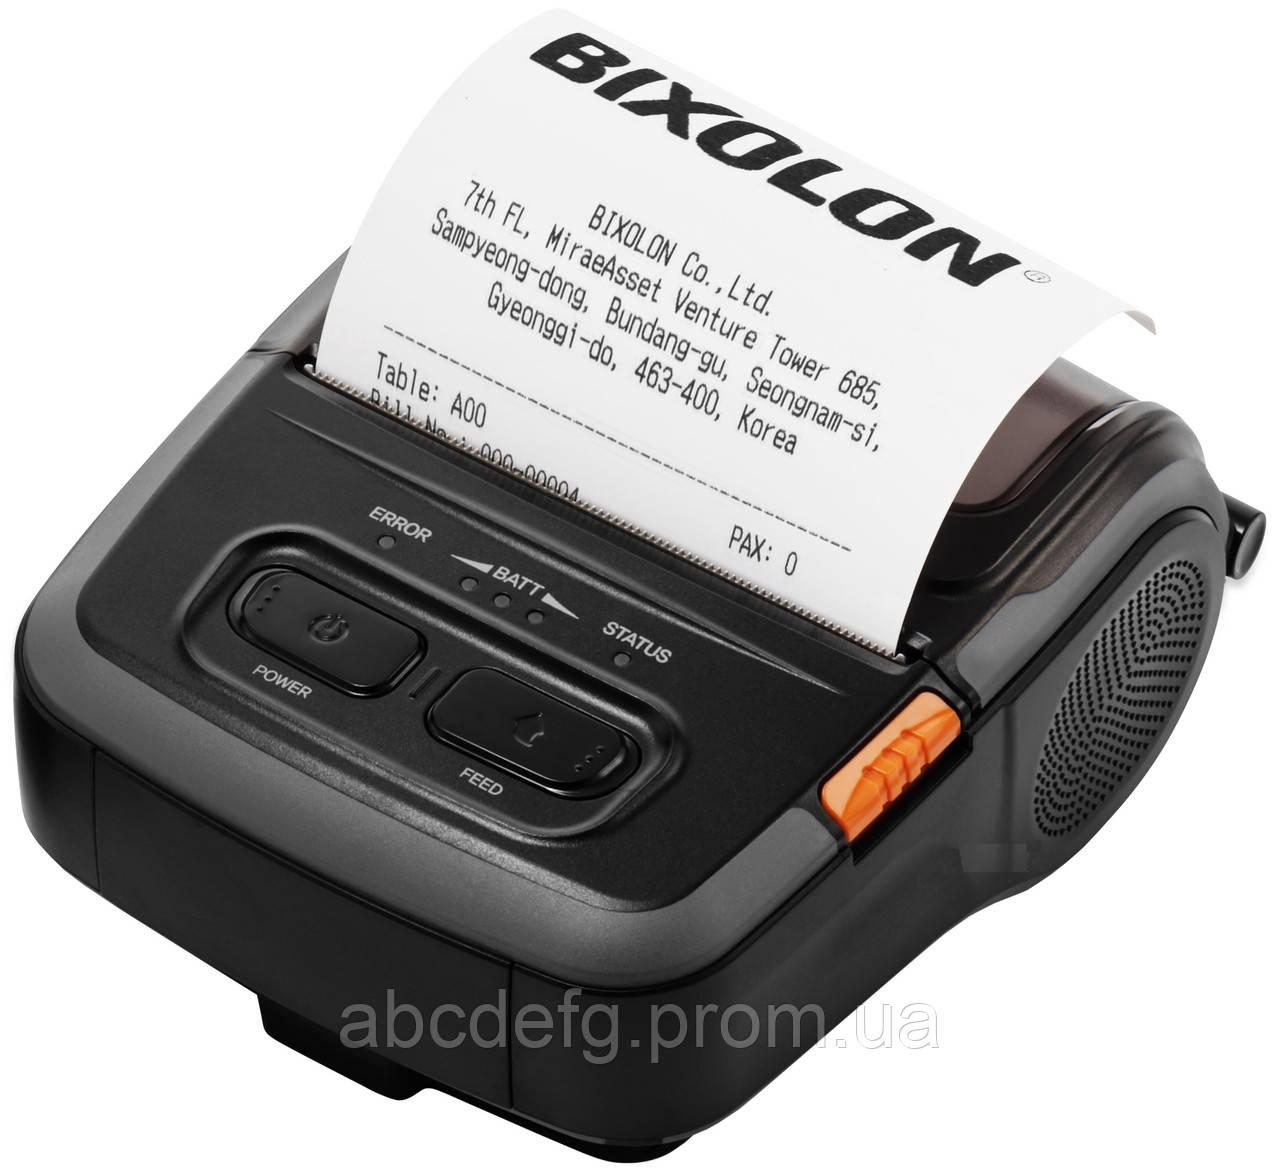 Мобильный принтер чеков-этикеток Bixolon SPP-R310WK (Wi-Fi+USB)